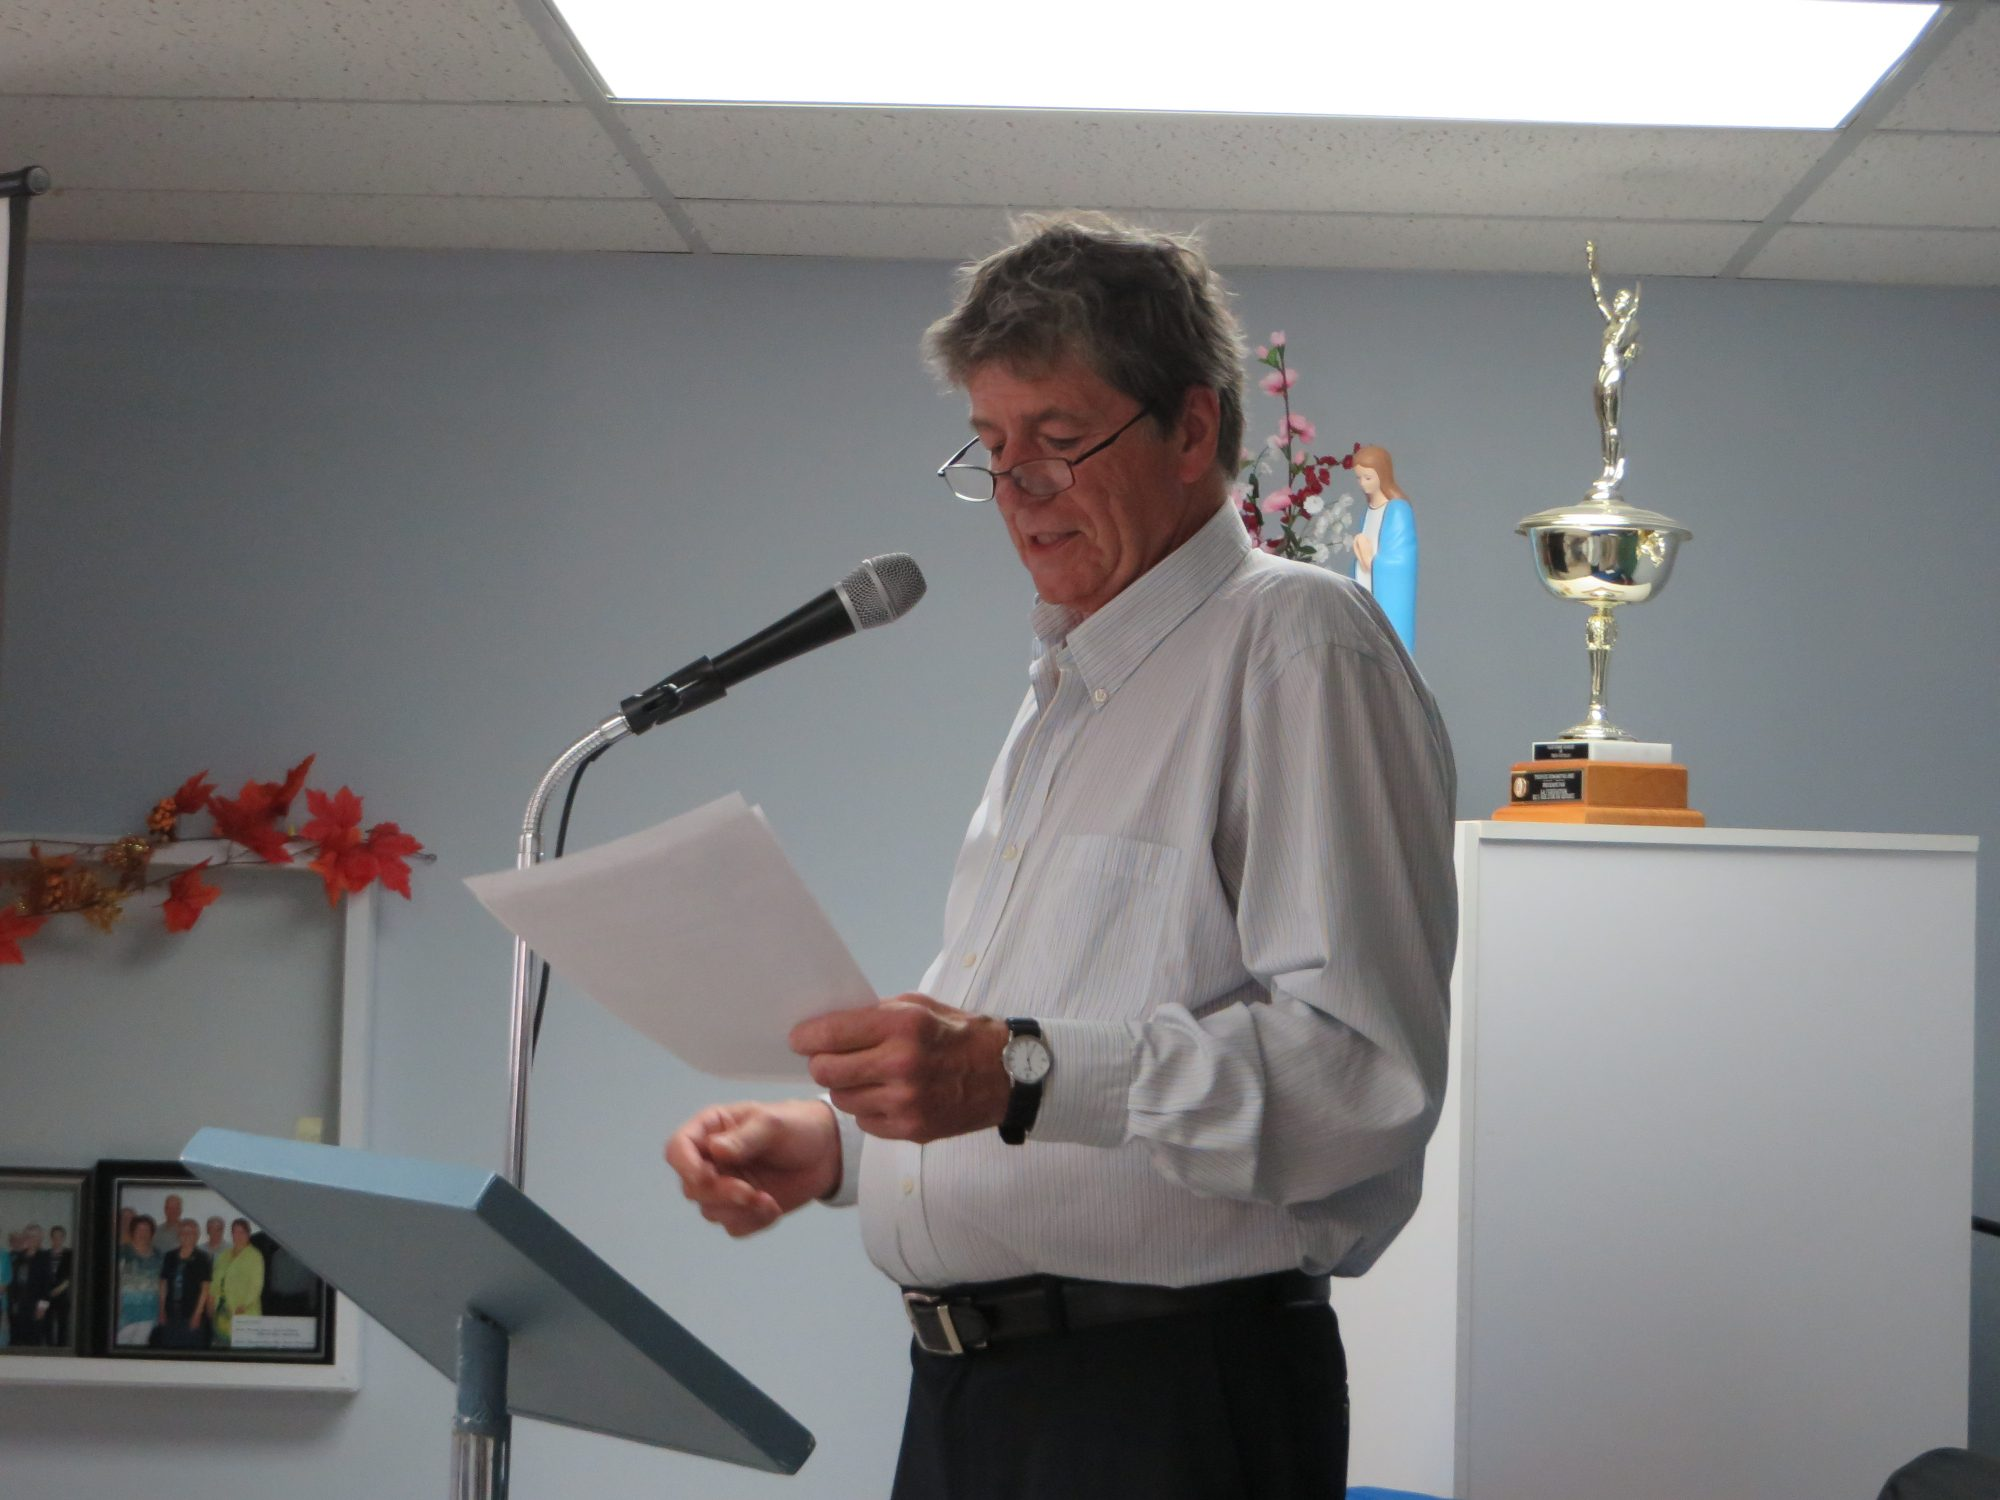 M. Daniel St-Onge, président de la Société Provancher, remercie les dignitaires, les participants et collaborateurs de l'événement. Photo: Réhaume Courtois